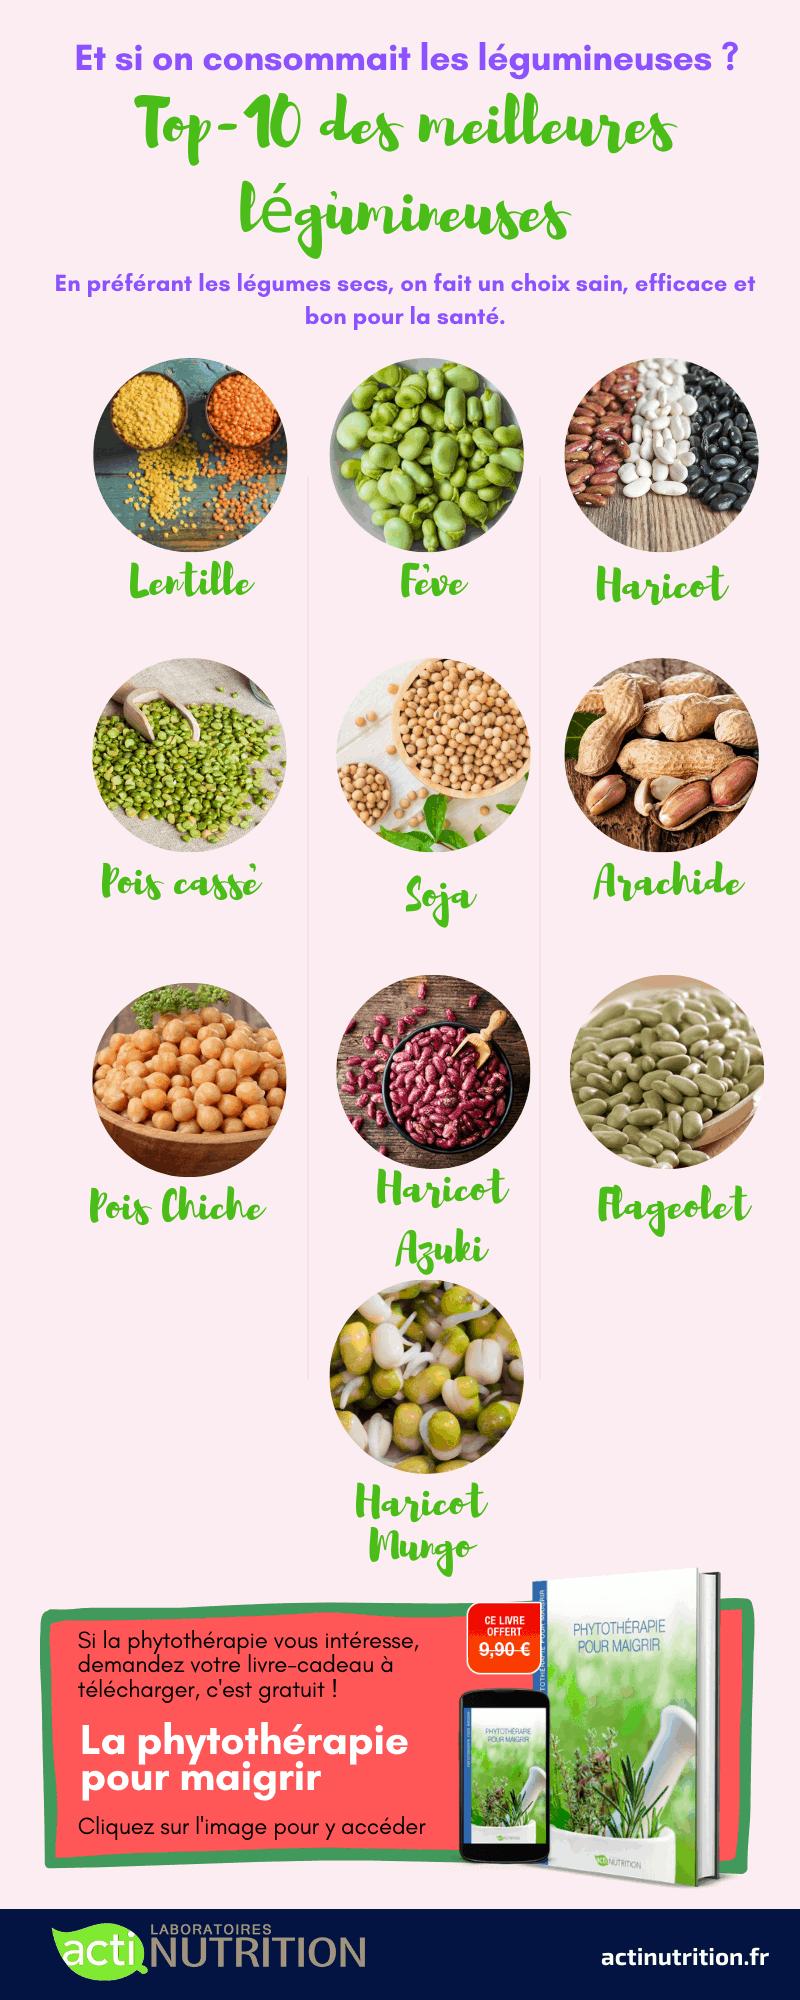 L'infographie sur les meilleurs légumes secs